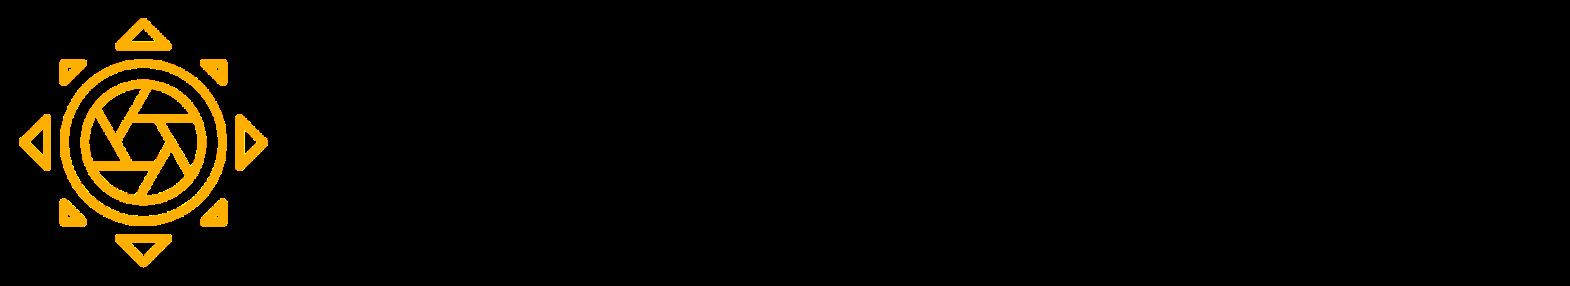 Brave Factor Branding & logo design for nonprofit banner Ethical Storytelling